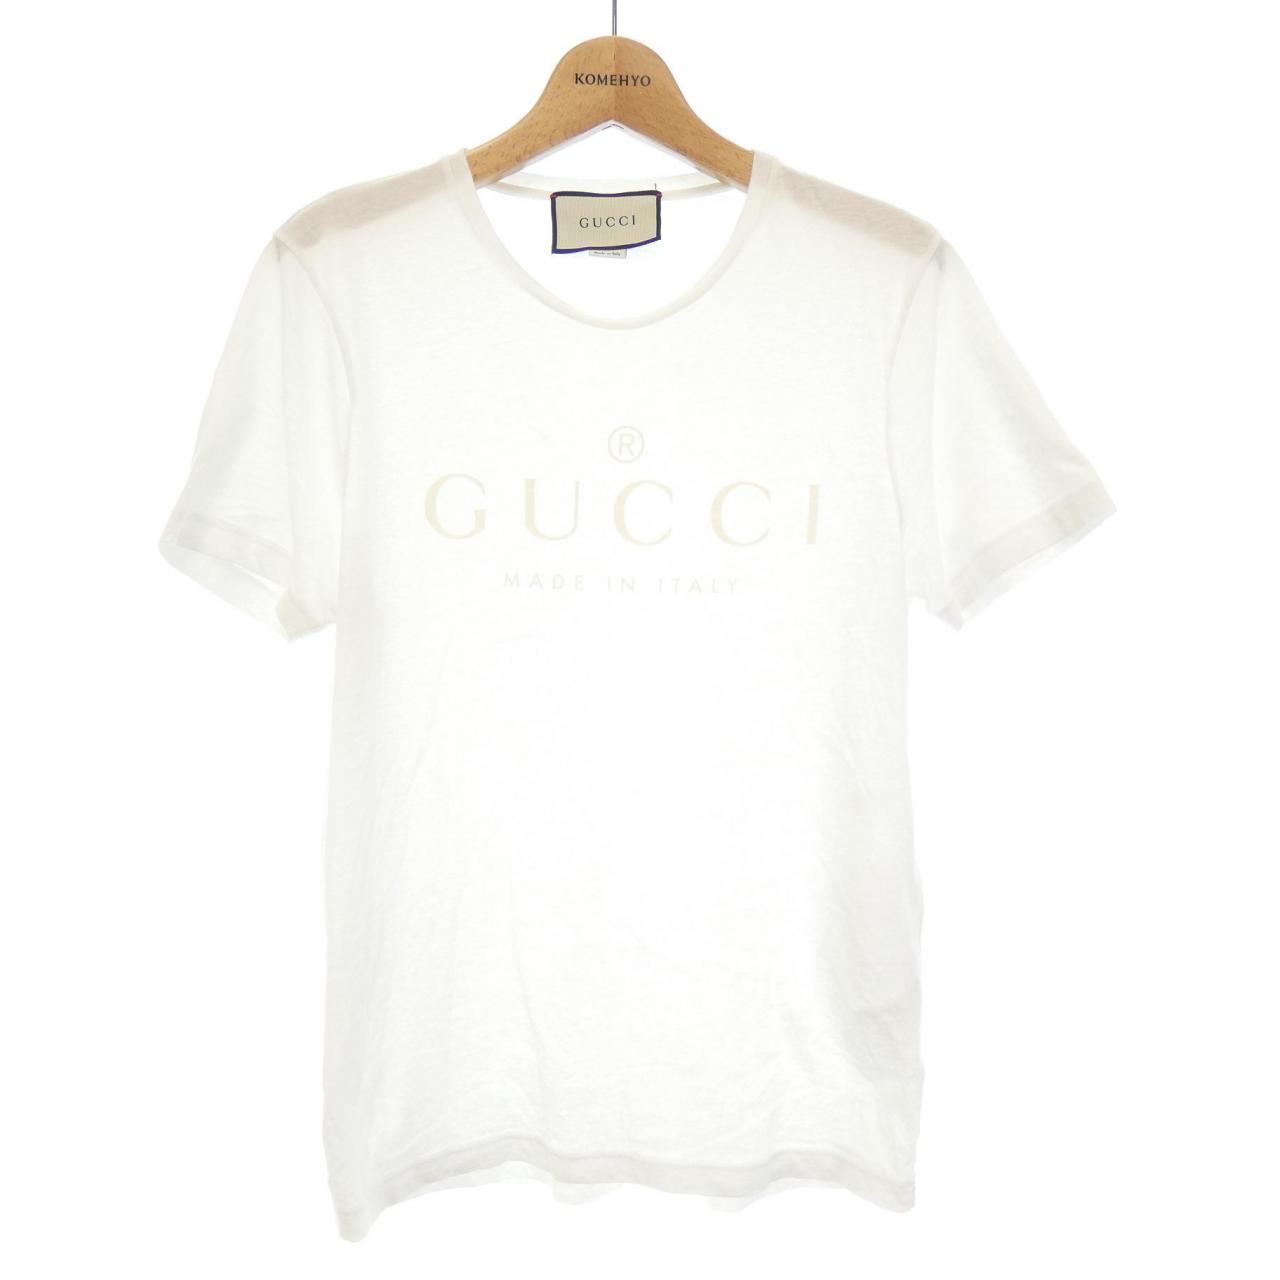 グッチのロゴTシャツ